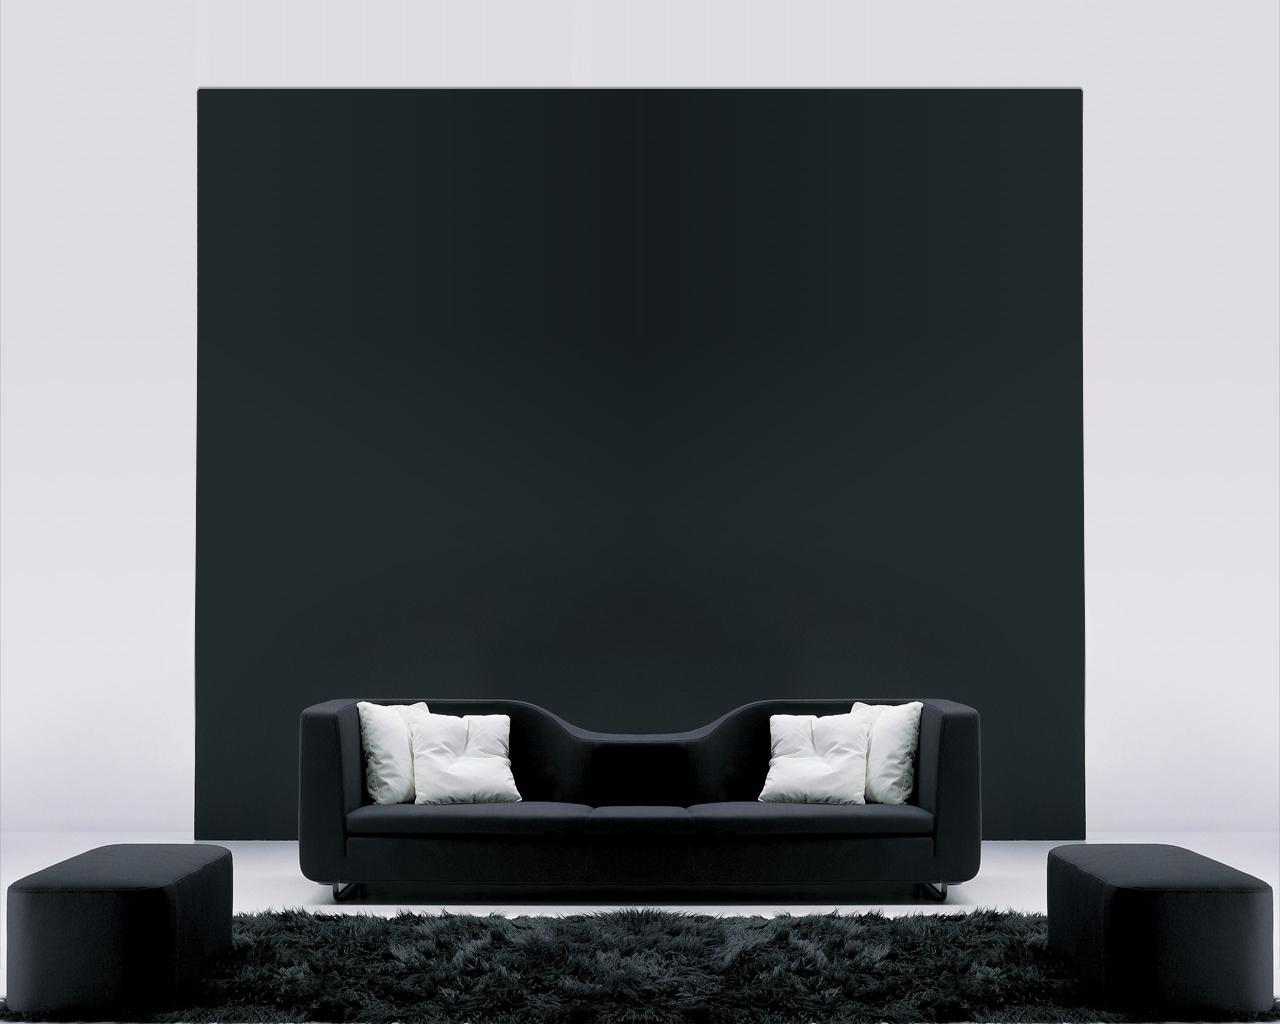 La Noche wall by OniRespect